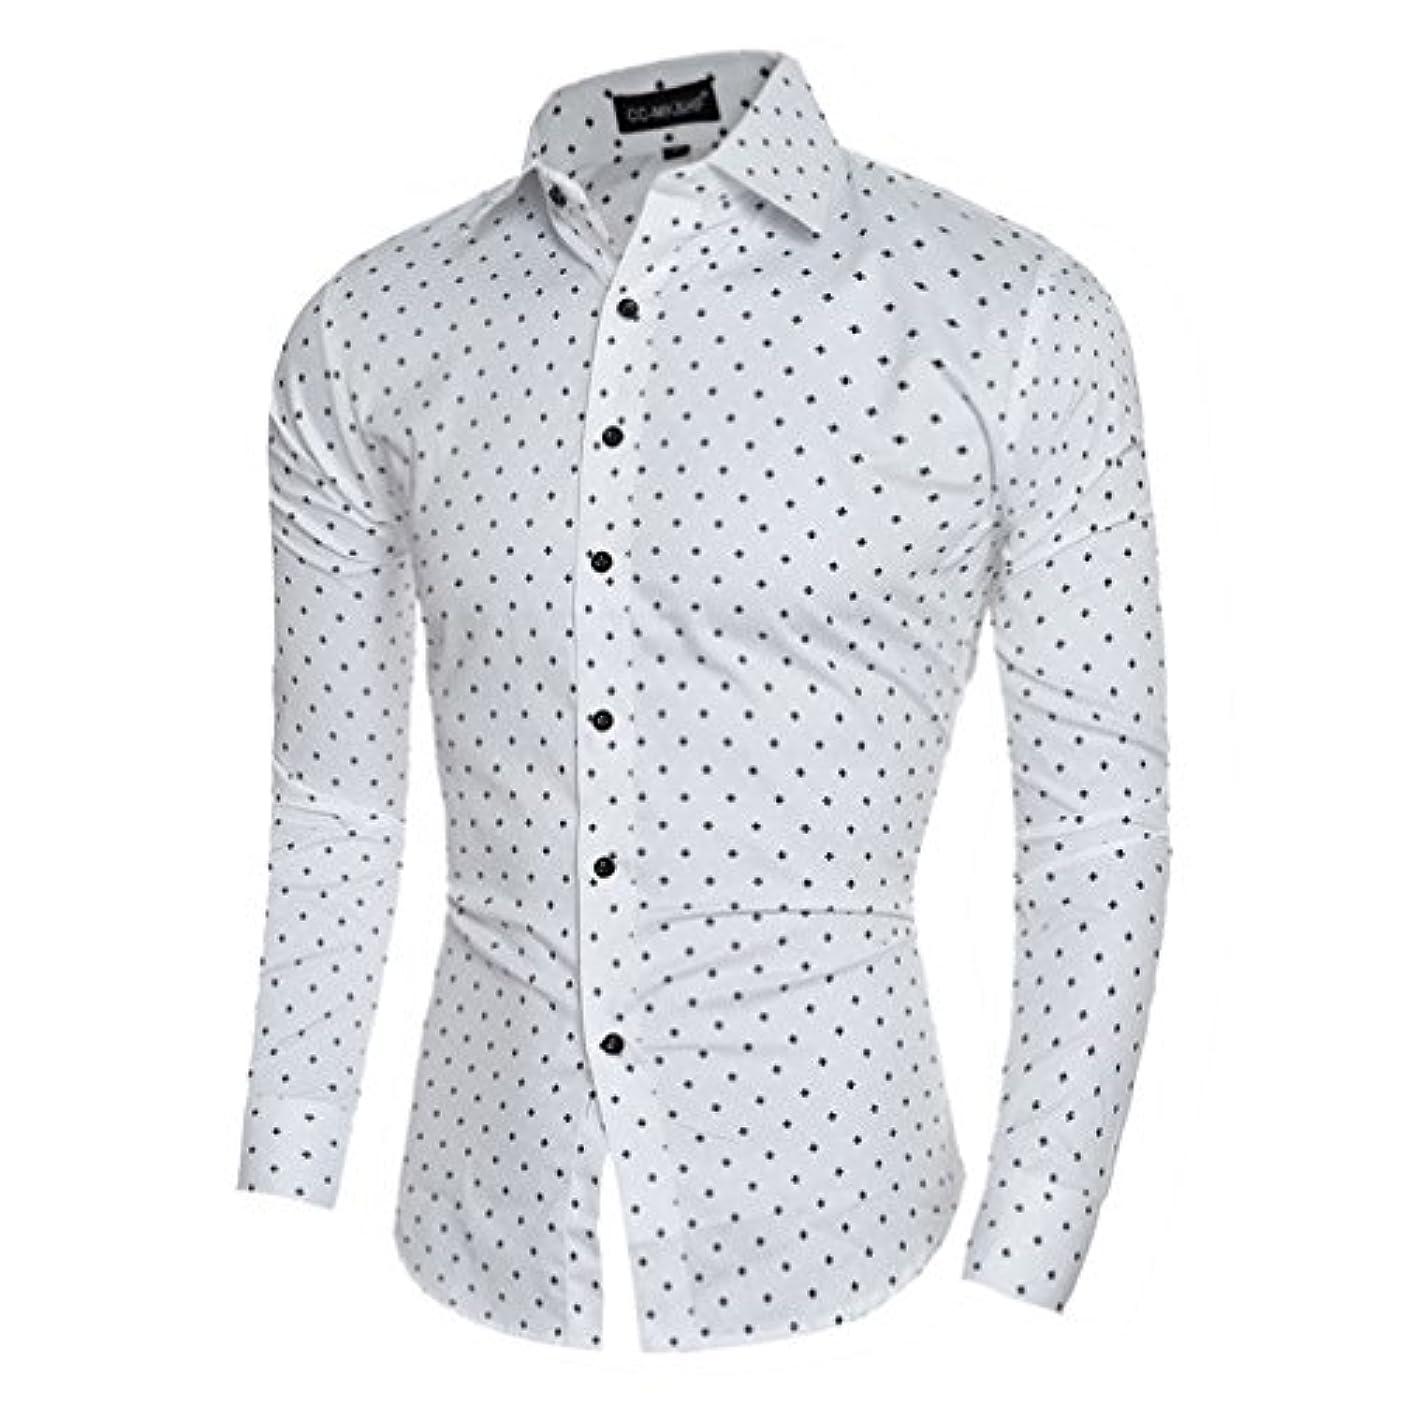 明らかマインド消毒するHonghu メンズ シャツ 長袖 100%綿 飛行機プリント カジュアル スリム ホワイト M 1PC